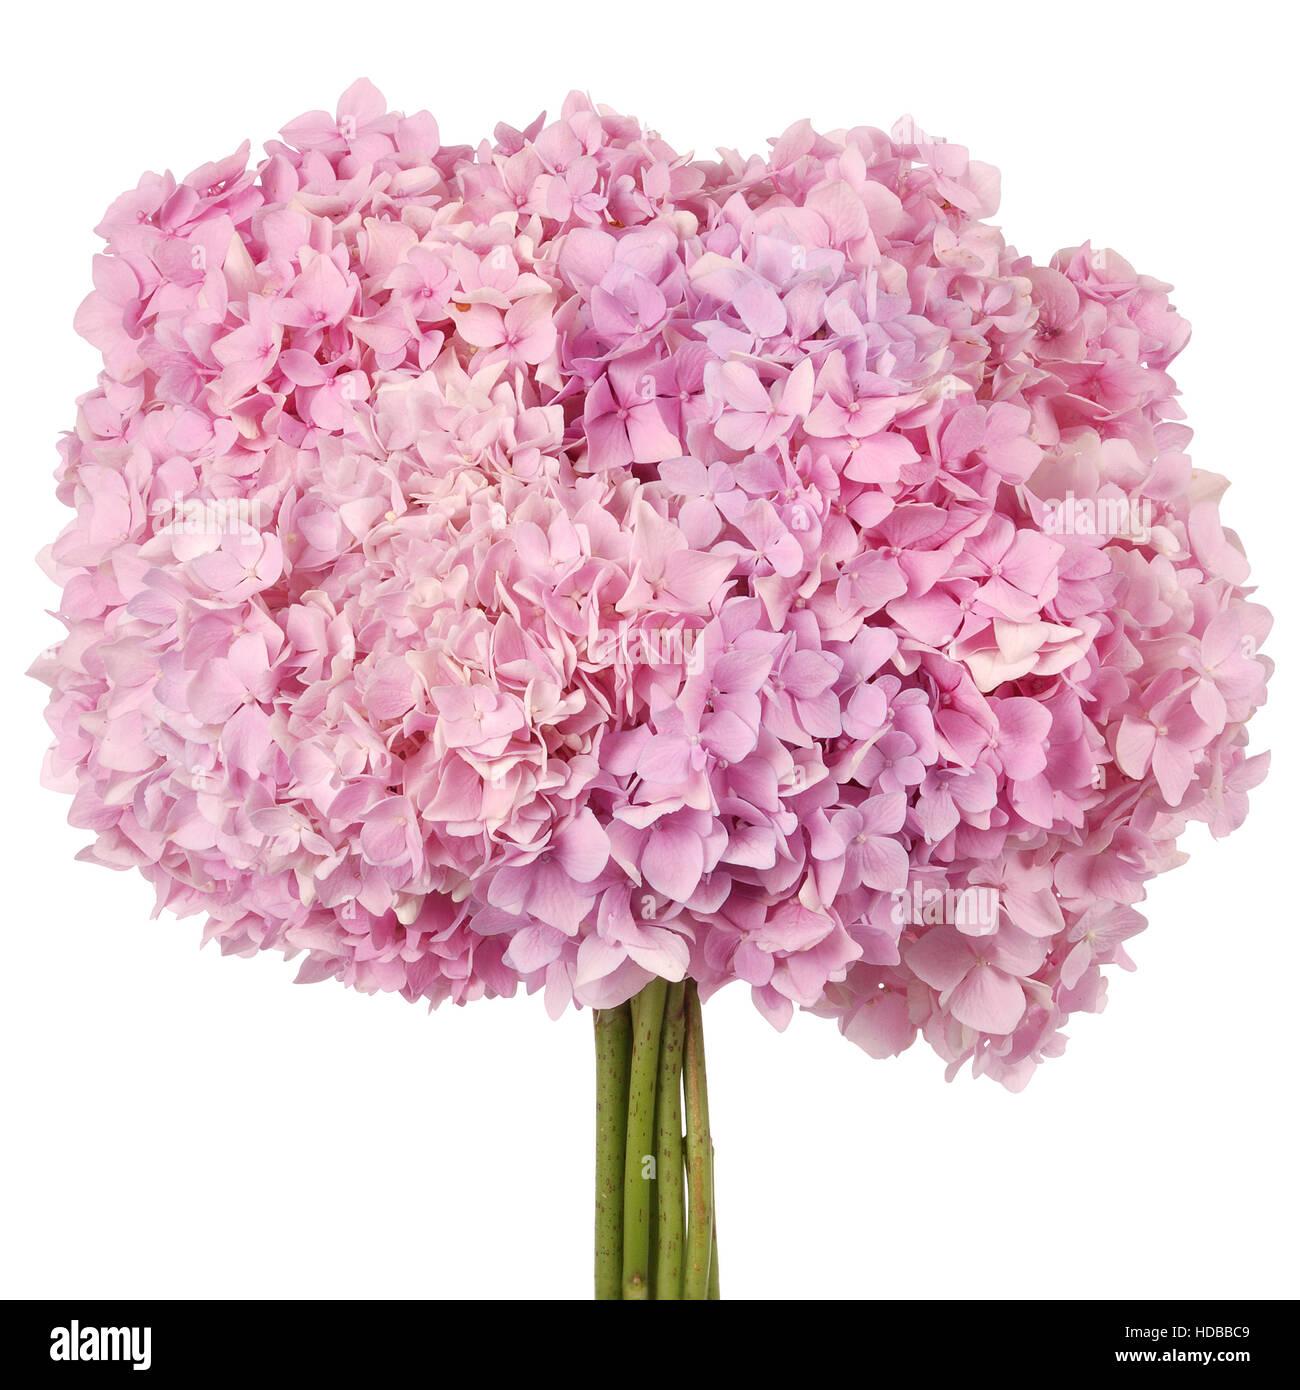 Pink flower hydrangea on white background clipping path inside pink flower hydrangea on white background clipping path inside mightylinksfo